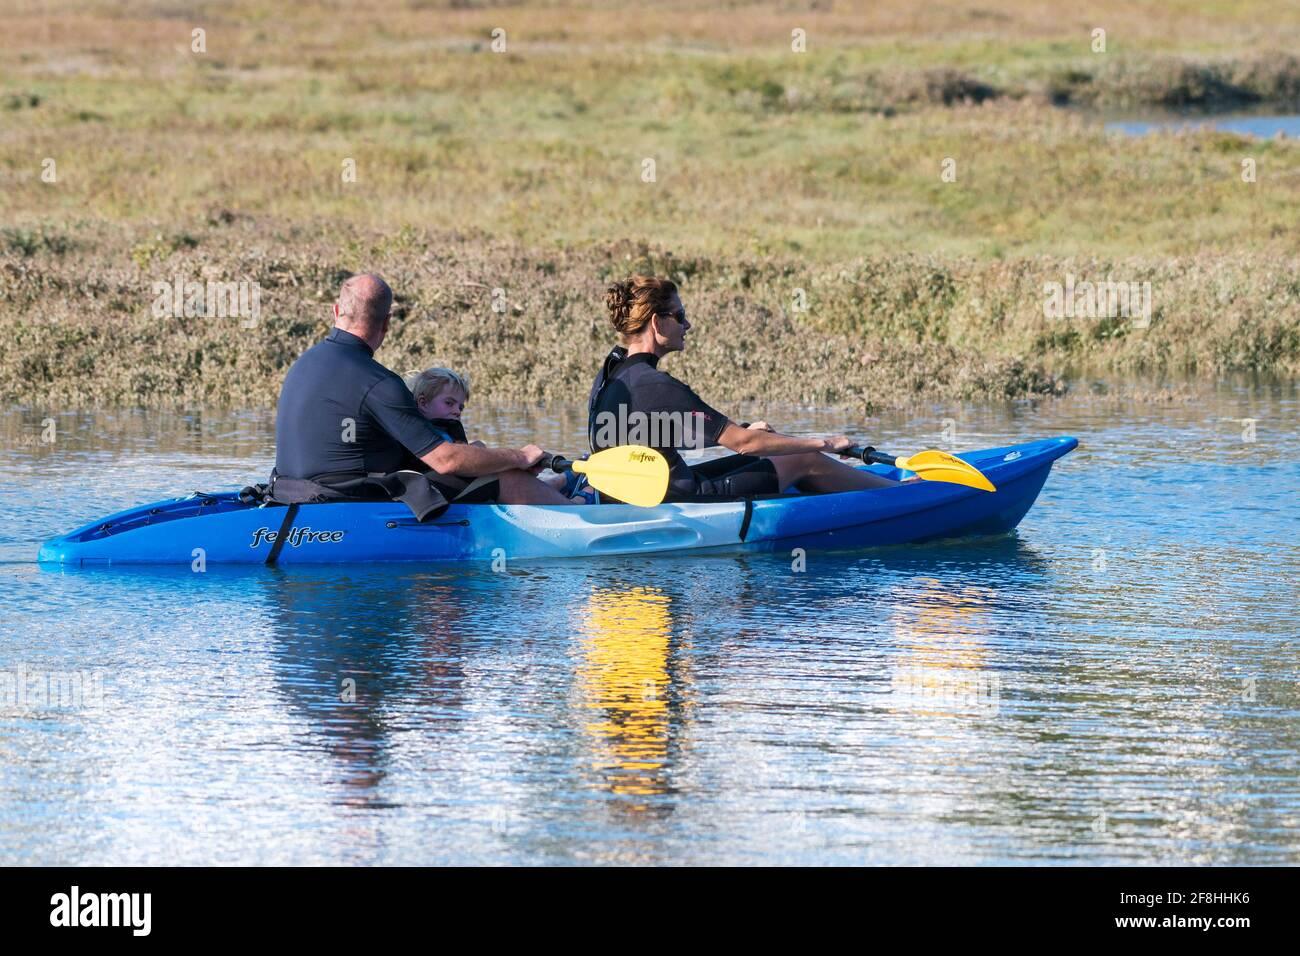 Une famille de vacanciers qui s'amusent à faire du canoë-kayak sur la rivière Gannel à marée haute à Newquay, en Cornouailles. Banque D'Images